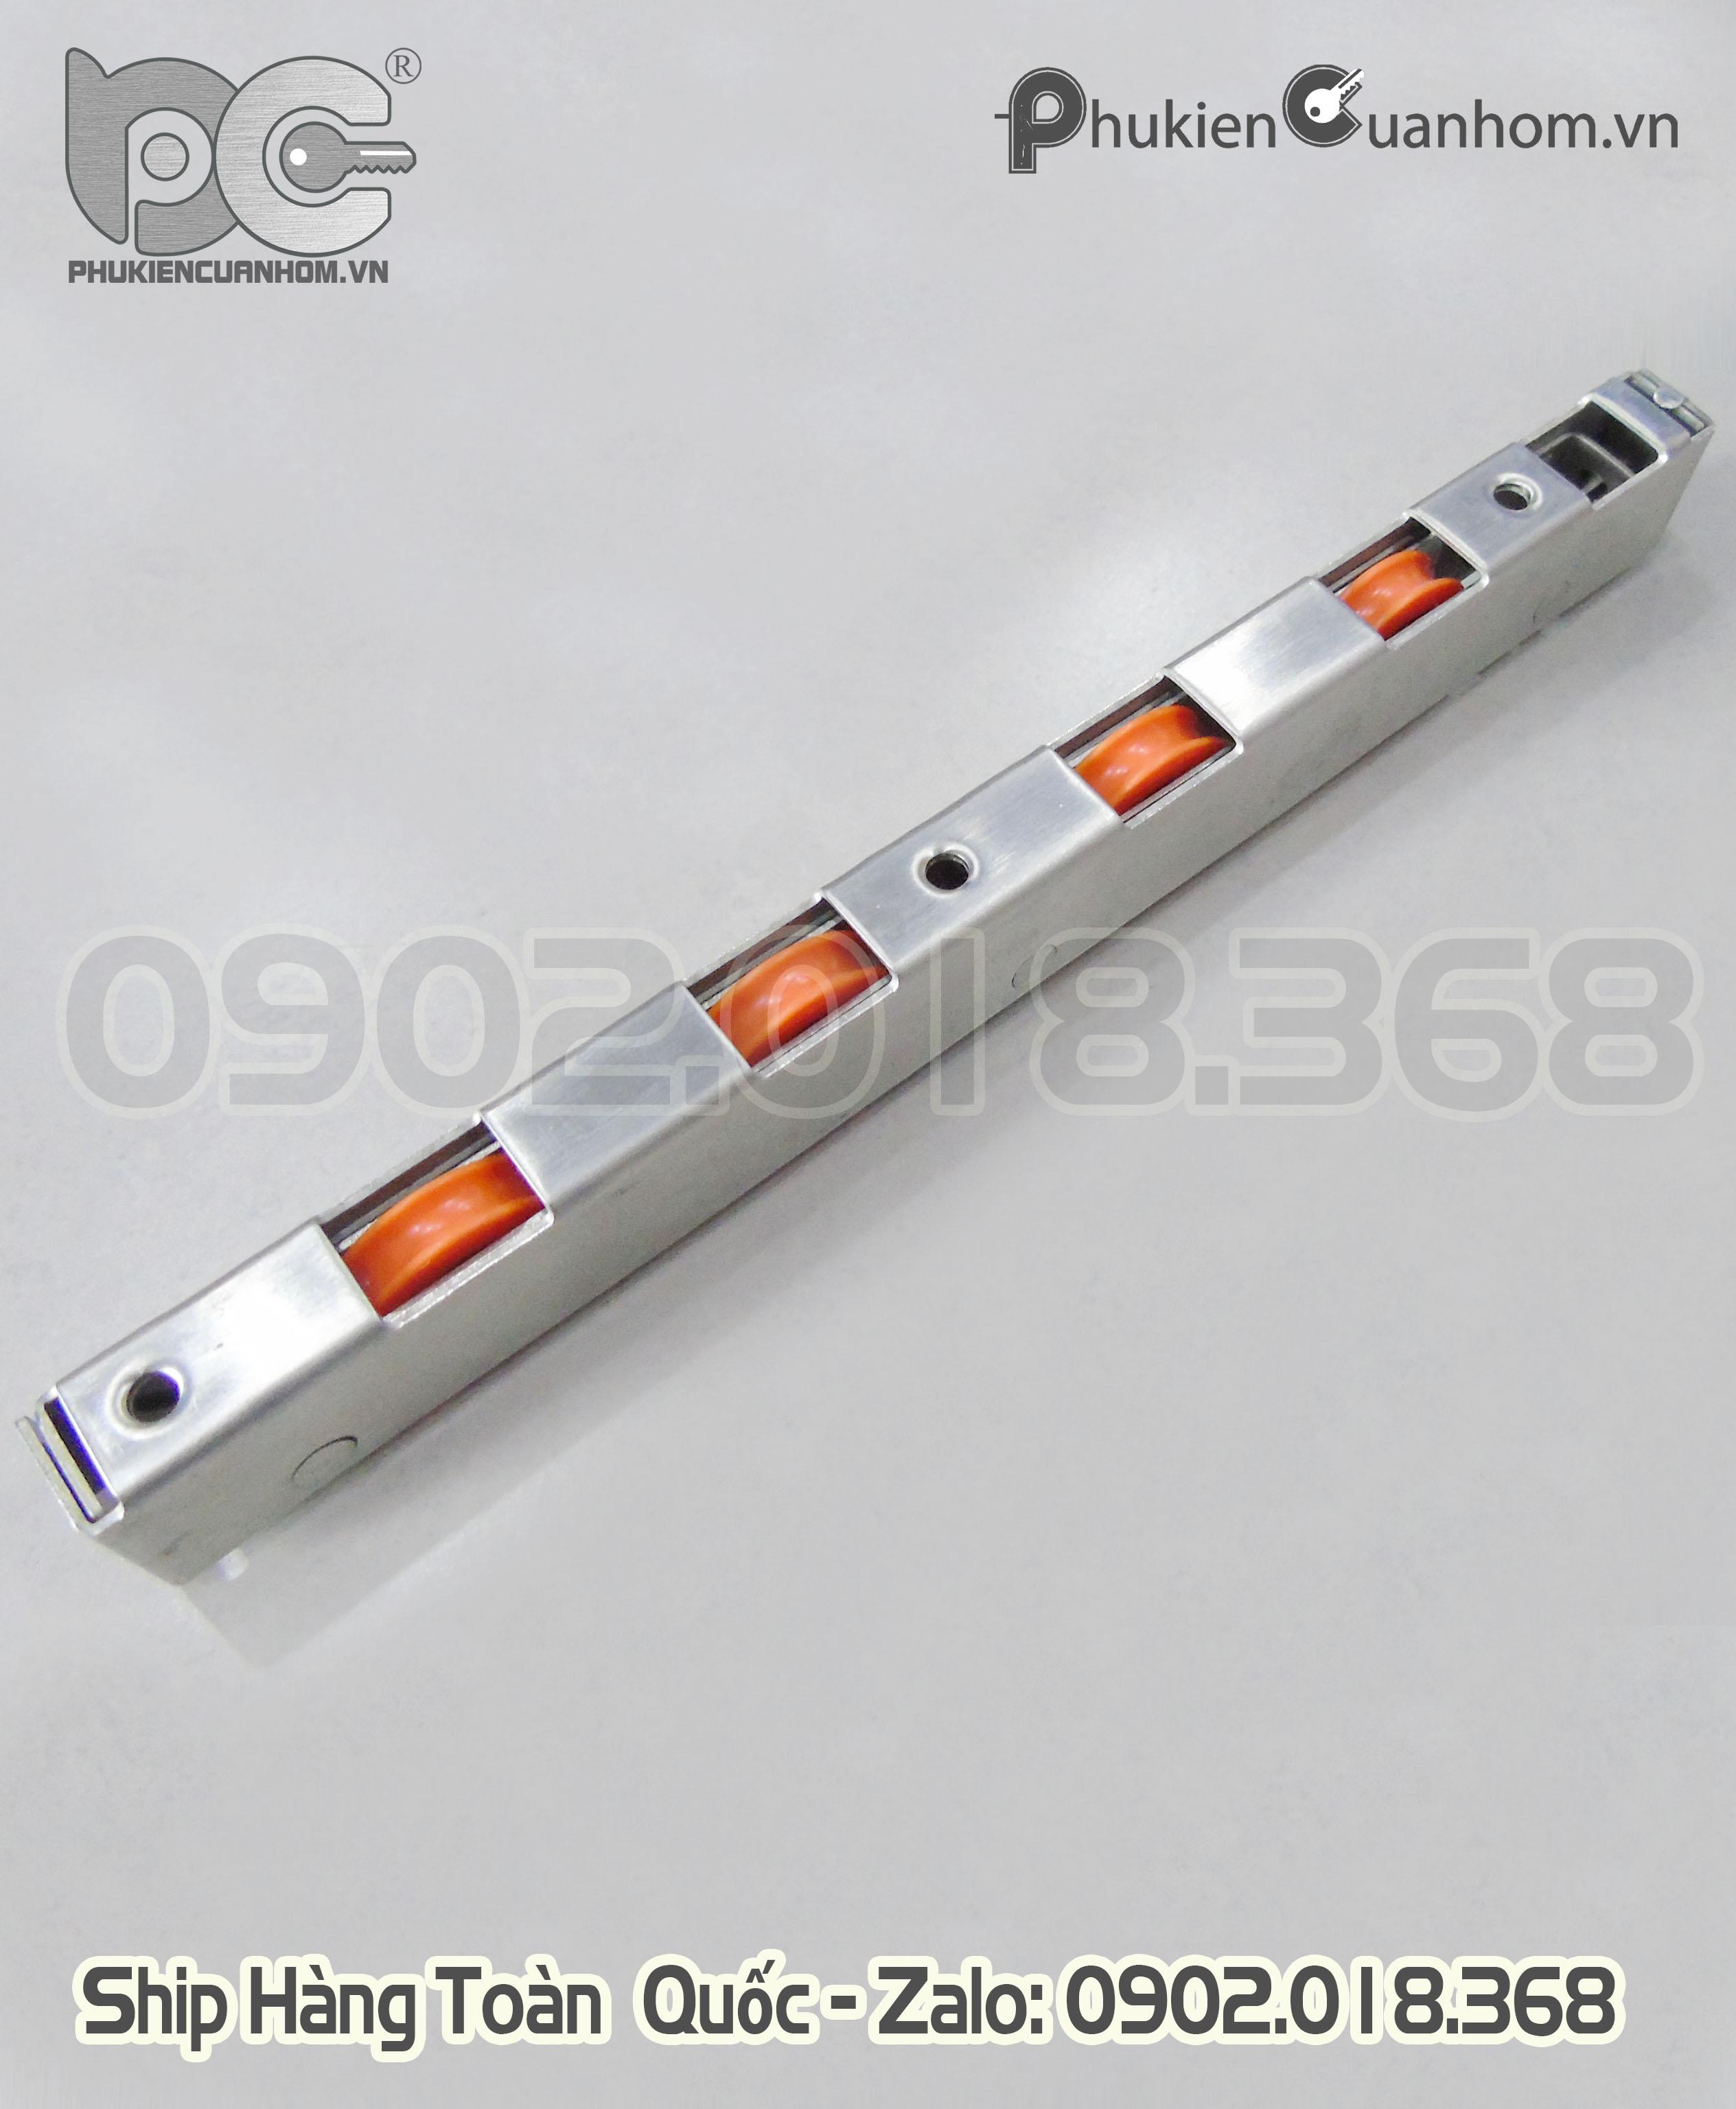 Bánh xe chịu lực dài 250mm cho cửa đi lùa